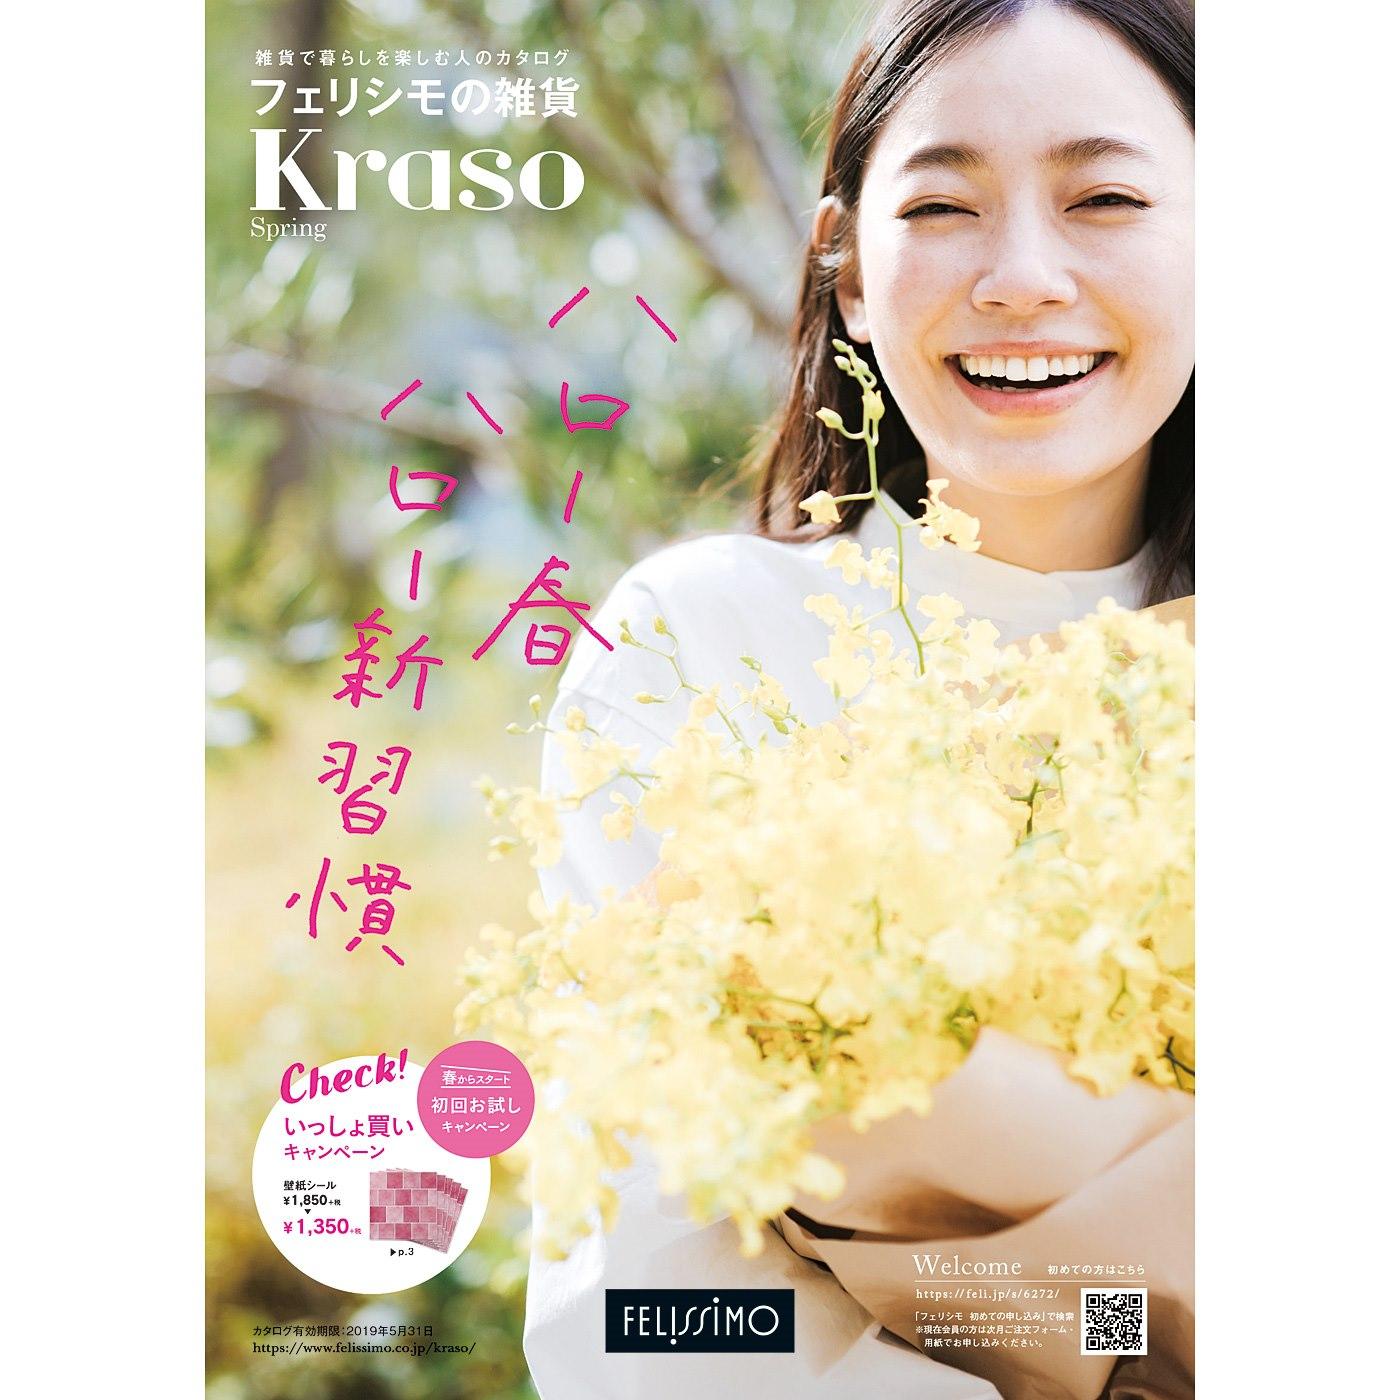 フェリシモの雑貨 Kraso [クラソ] spring号